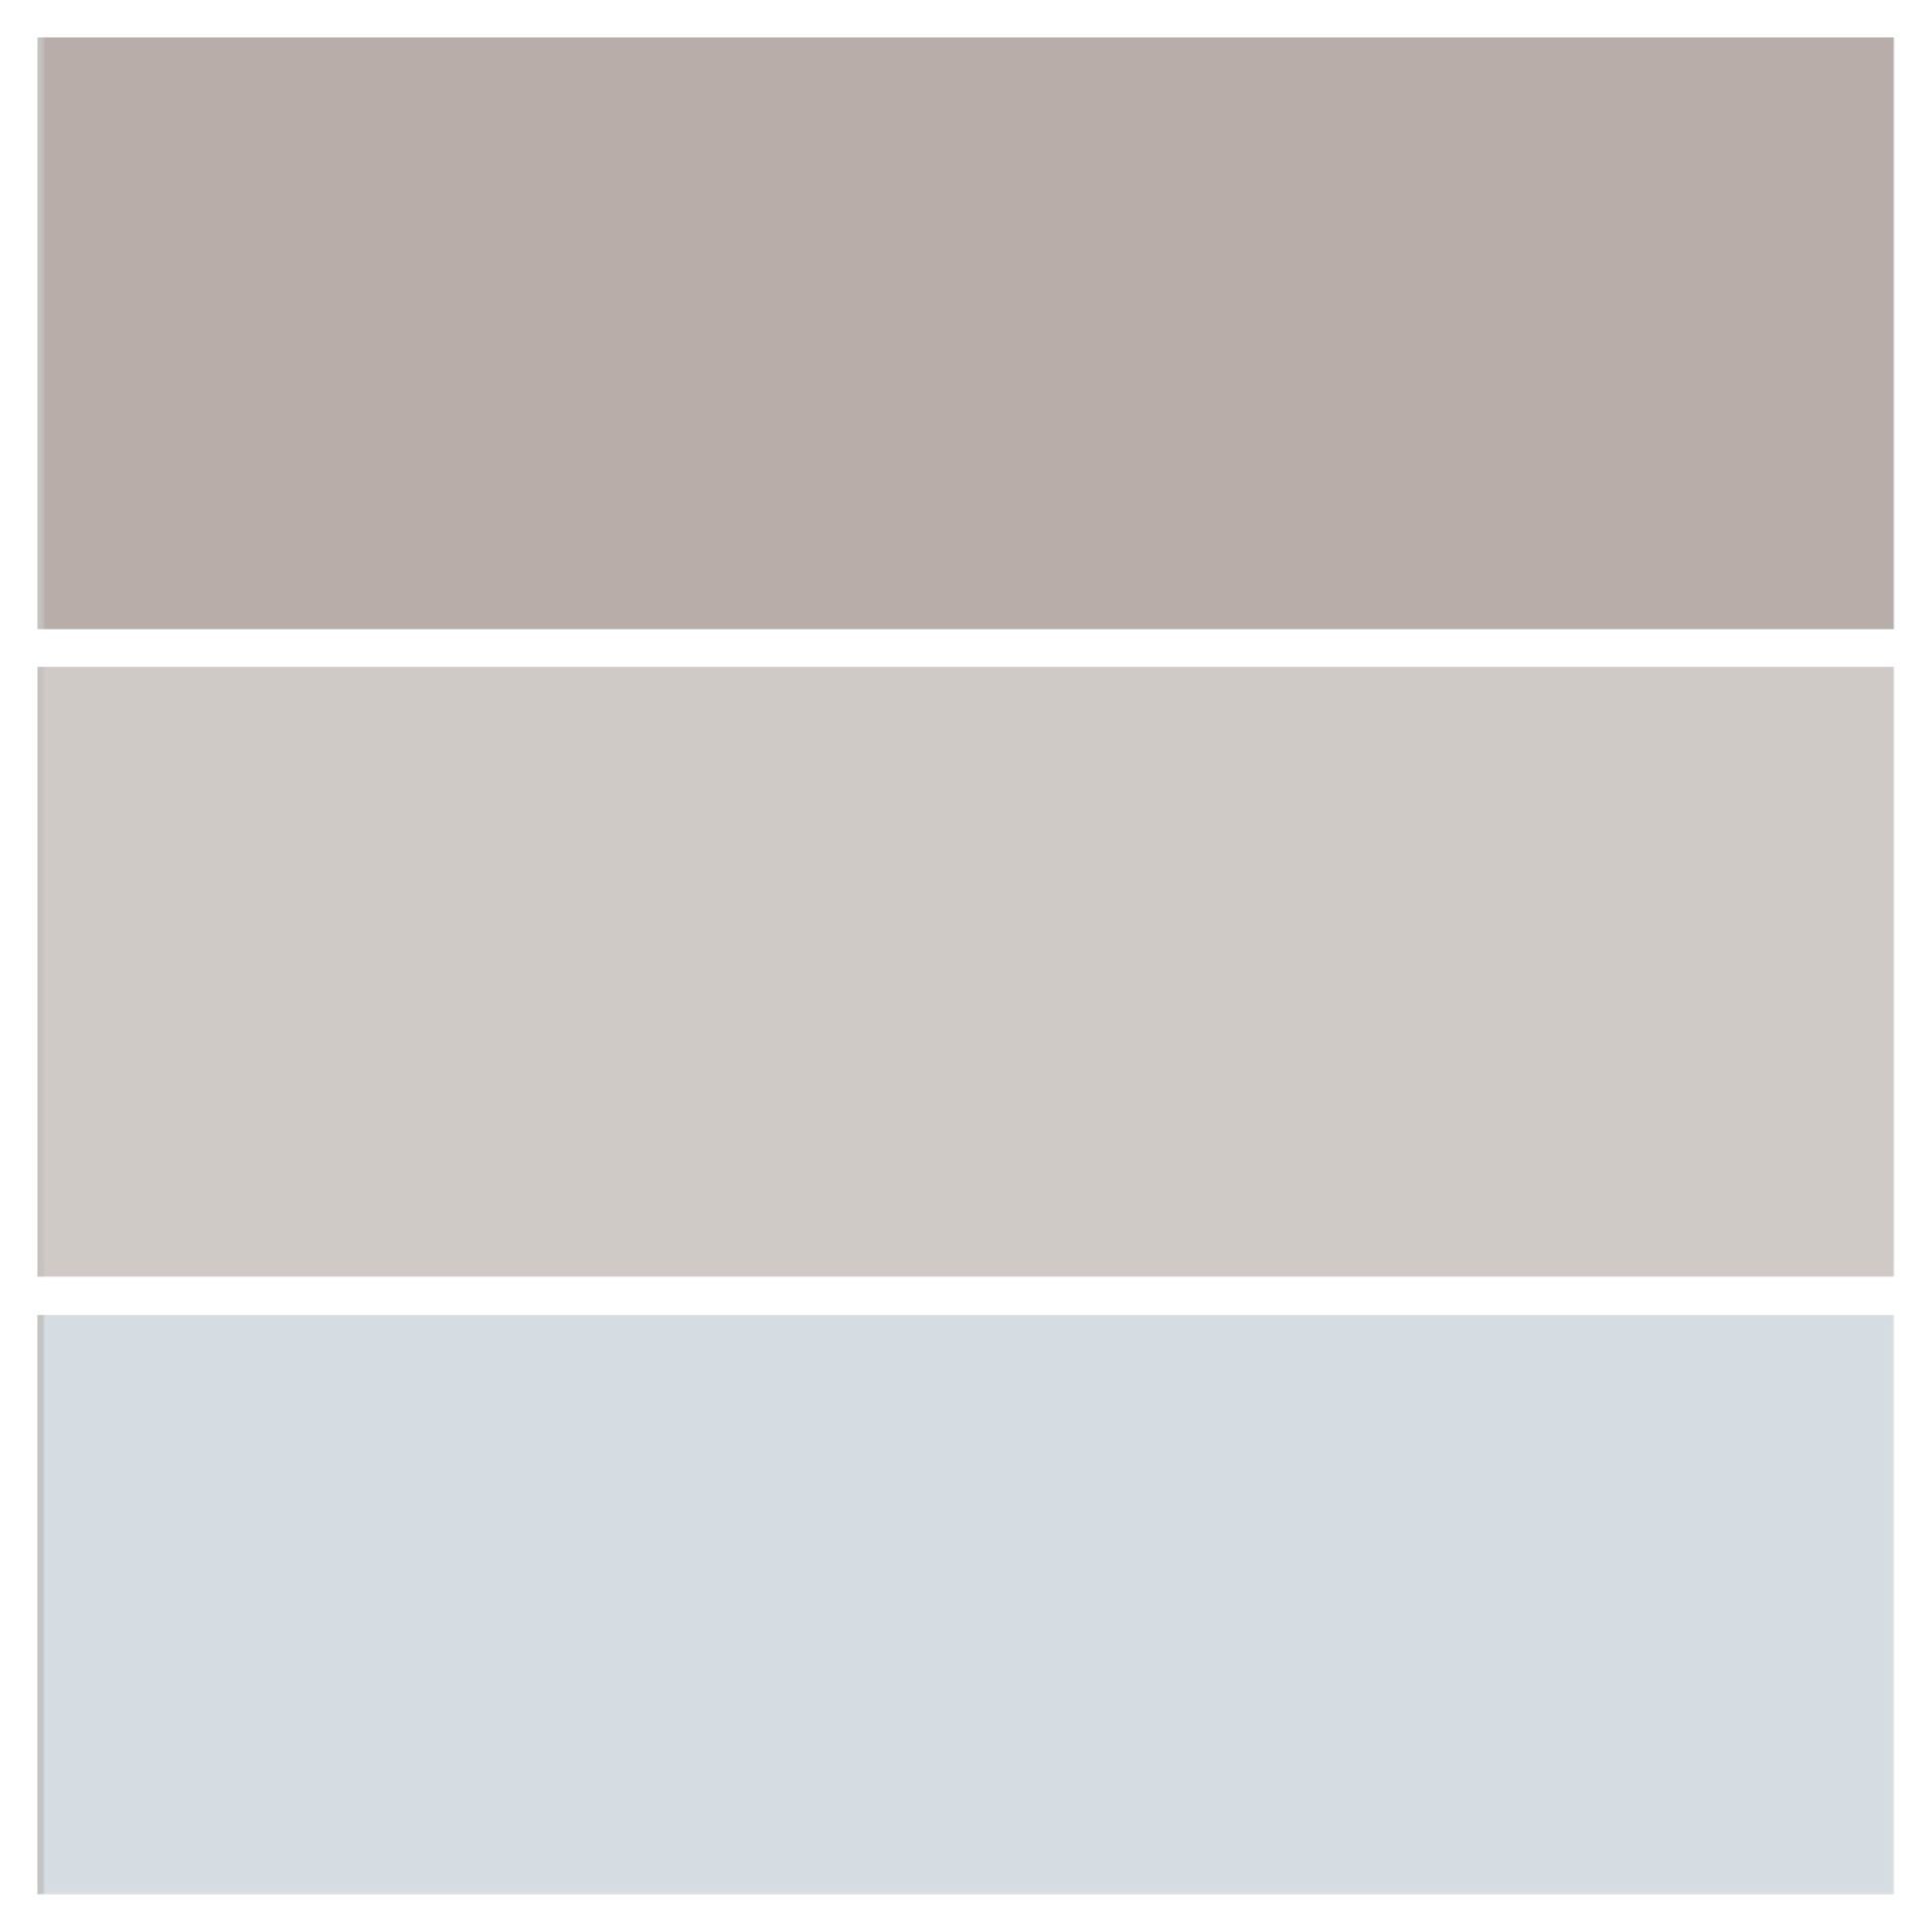 Upstairs Paint Colors Valspar Lowes London Coach Modest Silver Pantone Illusion Blue Lowes Paint Colors Lowes Paint Colors Valspar Valspar Paint Colors